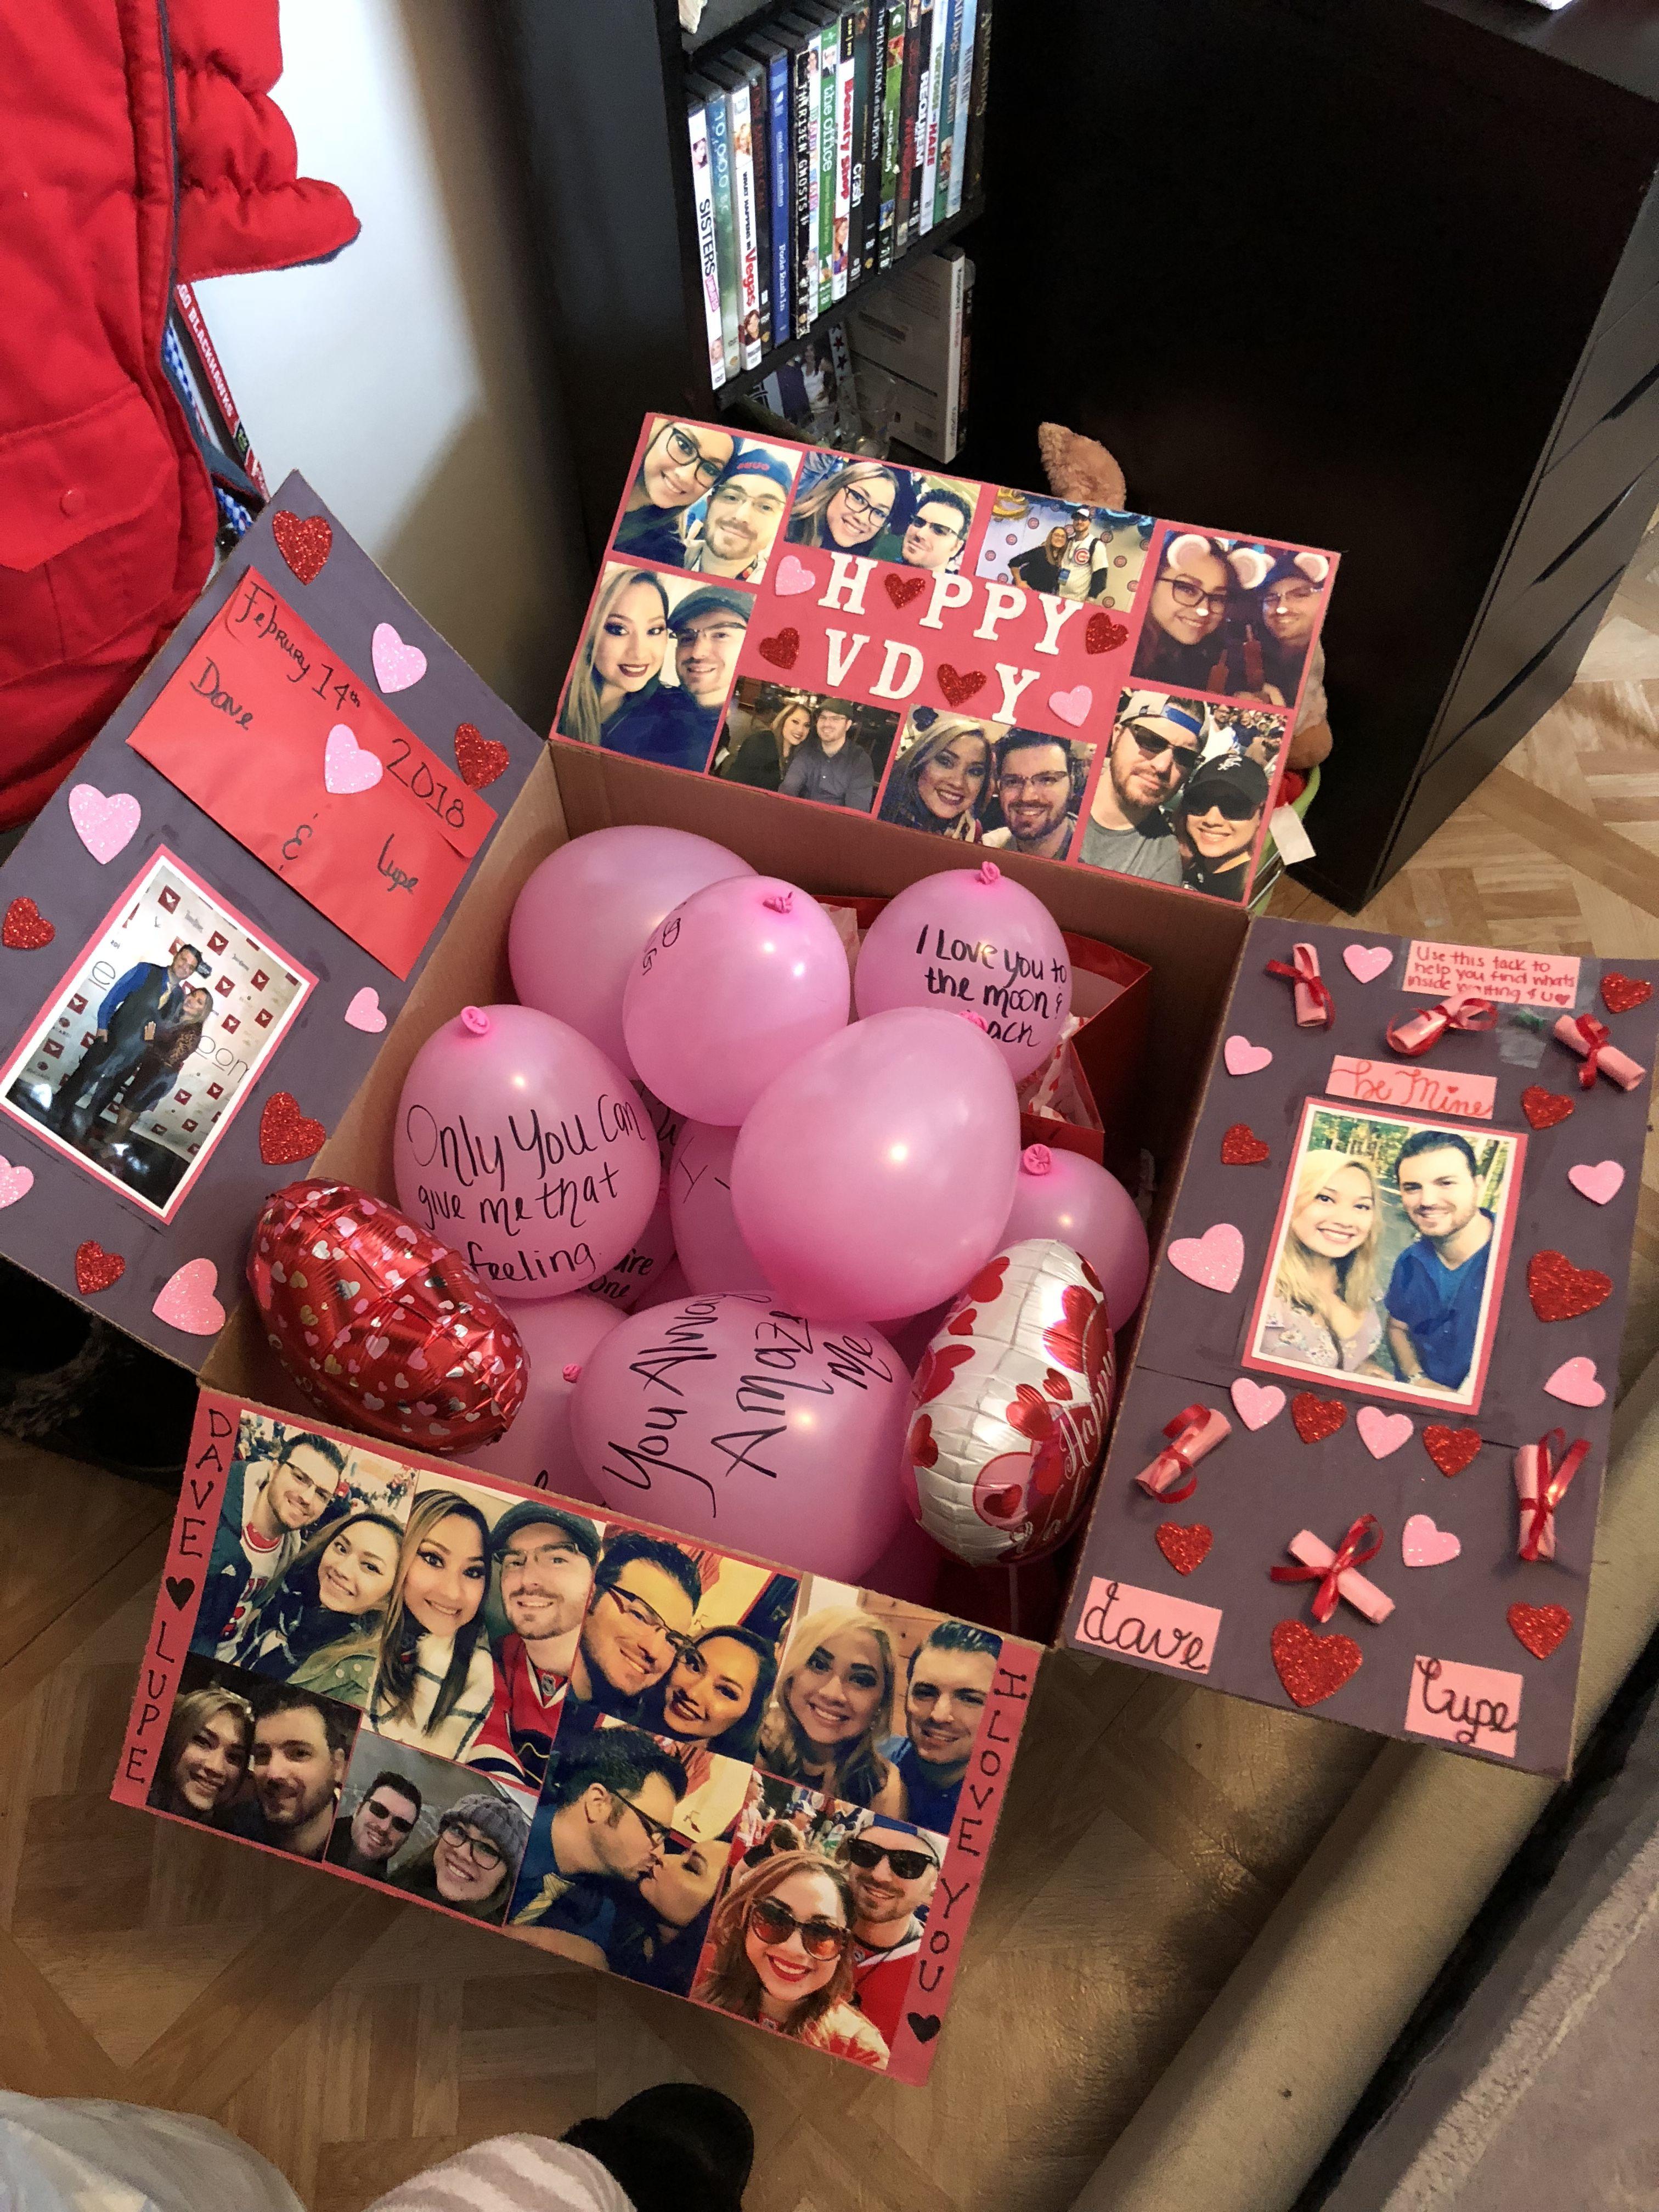 De El Febrero De De 14 Para Caja 14 Arreglos Del En Febrero Madera Amistad La Y Amor Dia